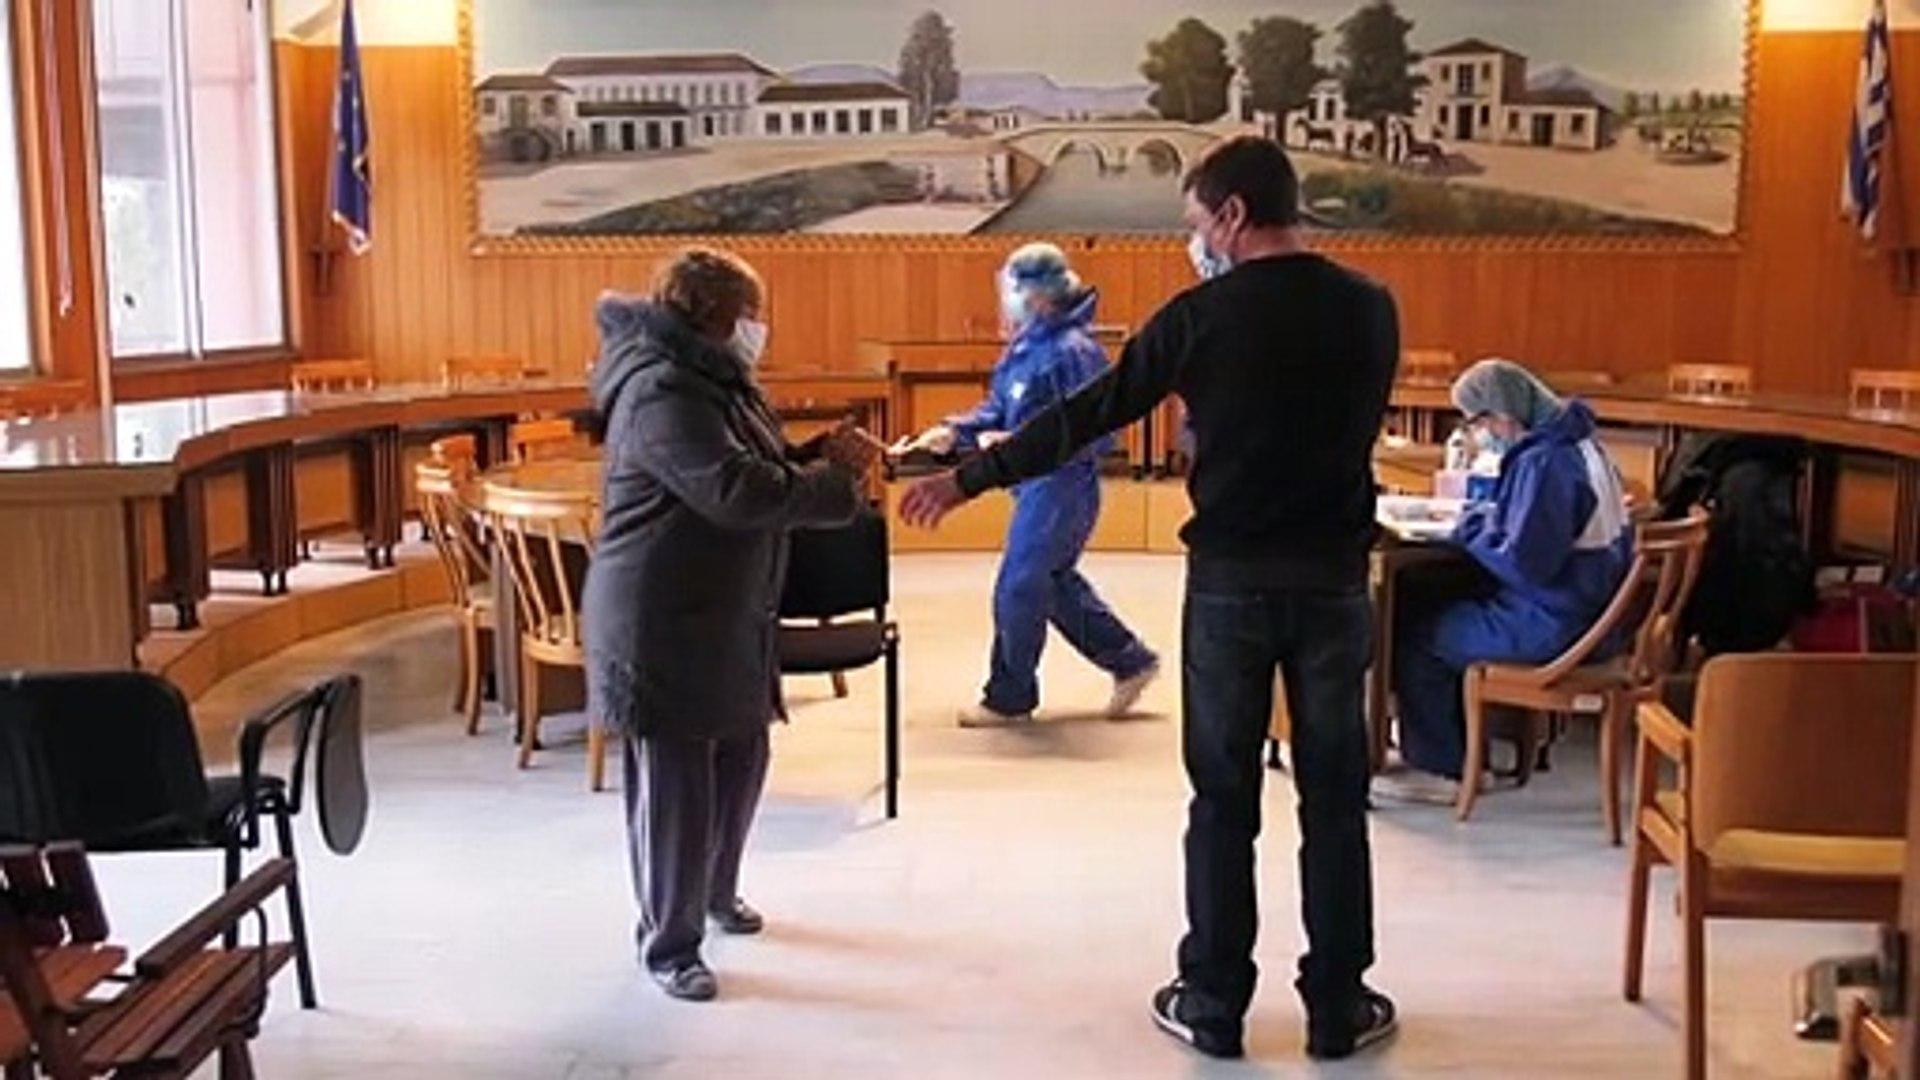 Κορονοϊός - Δήμος Ορχομενού : Μαζικά δωρεάν rapid test για τον κορωνοϊό αύριο στο δημαρχείο Ορχομενού